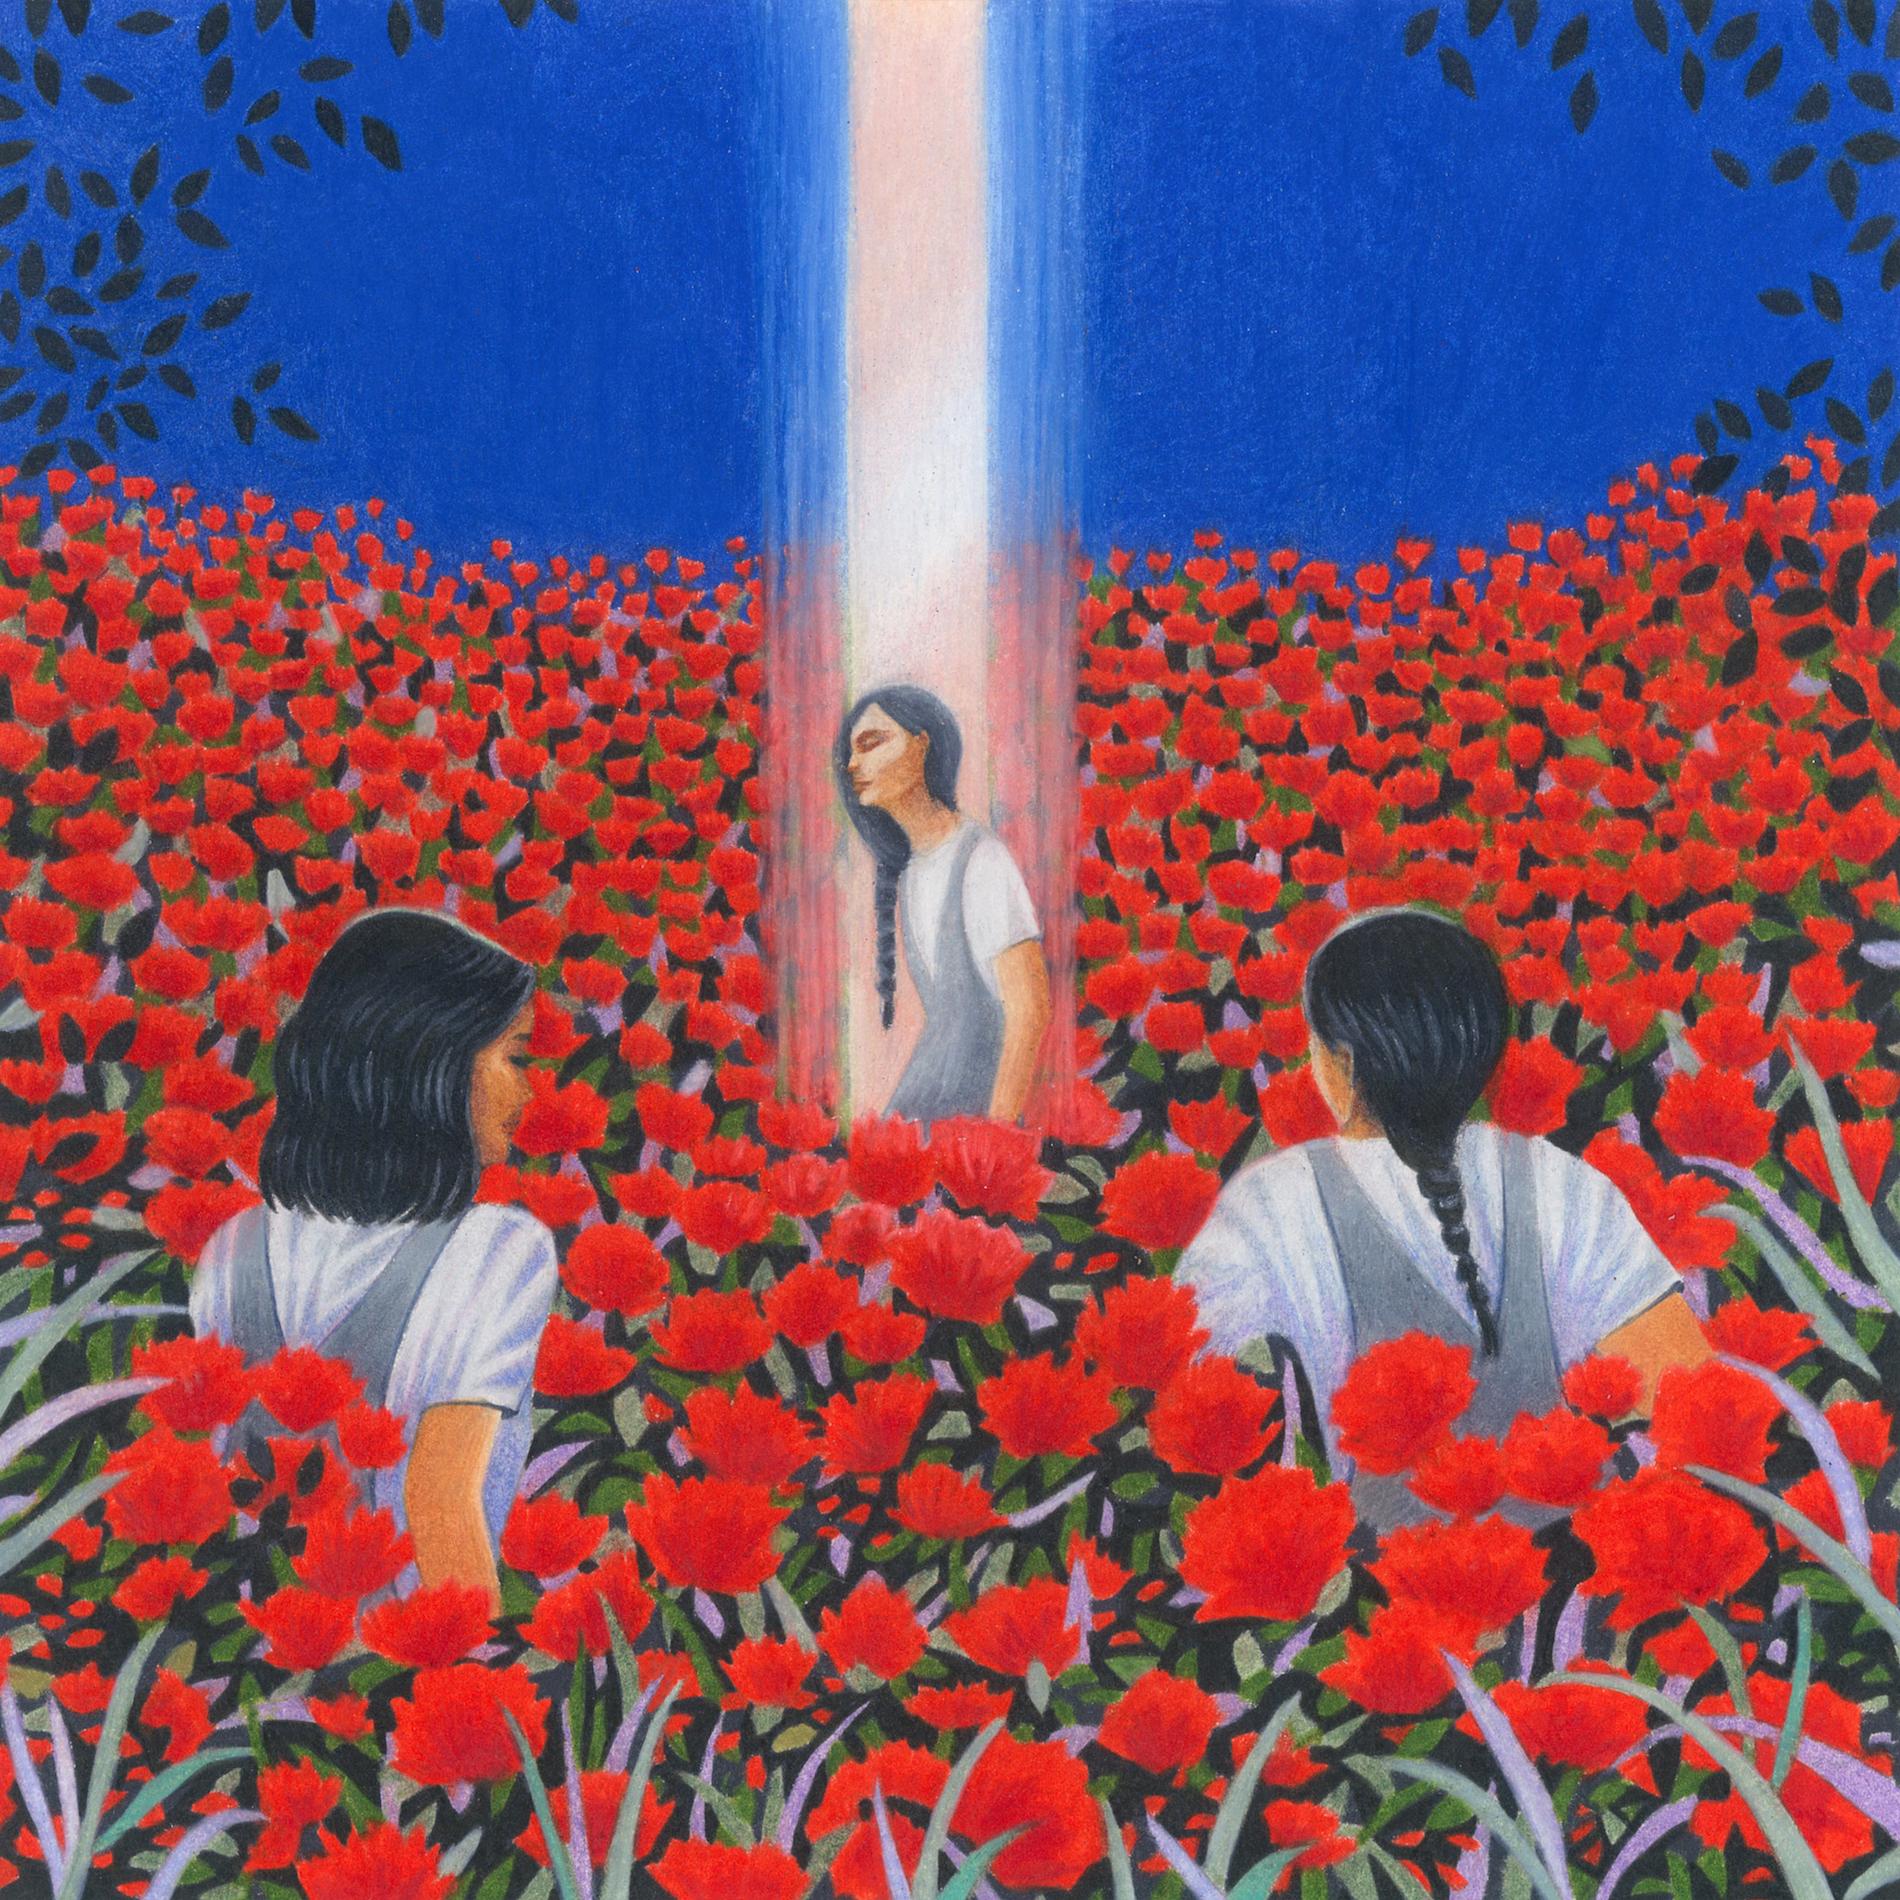 les ovnis débarquent, rayon de lumière, trois femmes brunes, champ de fleurs rouges sur ciel bleu